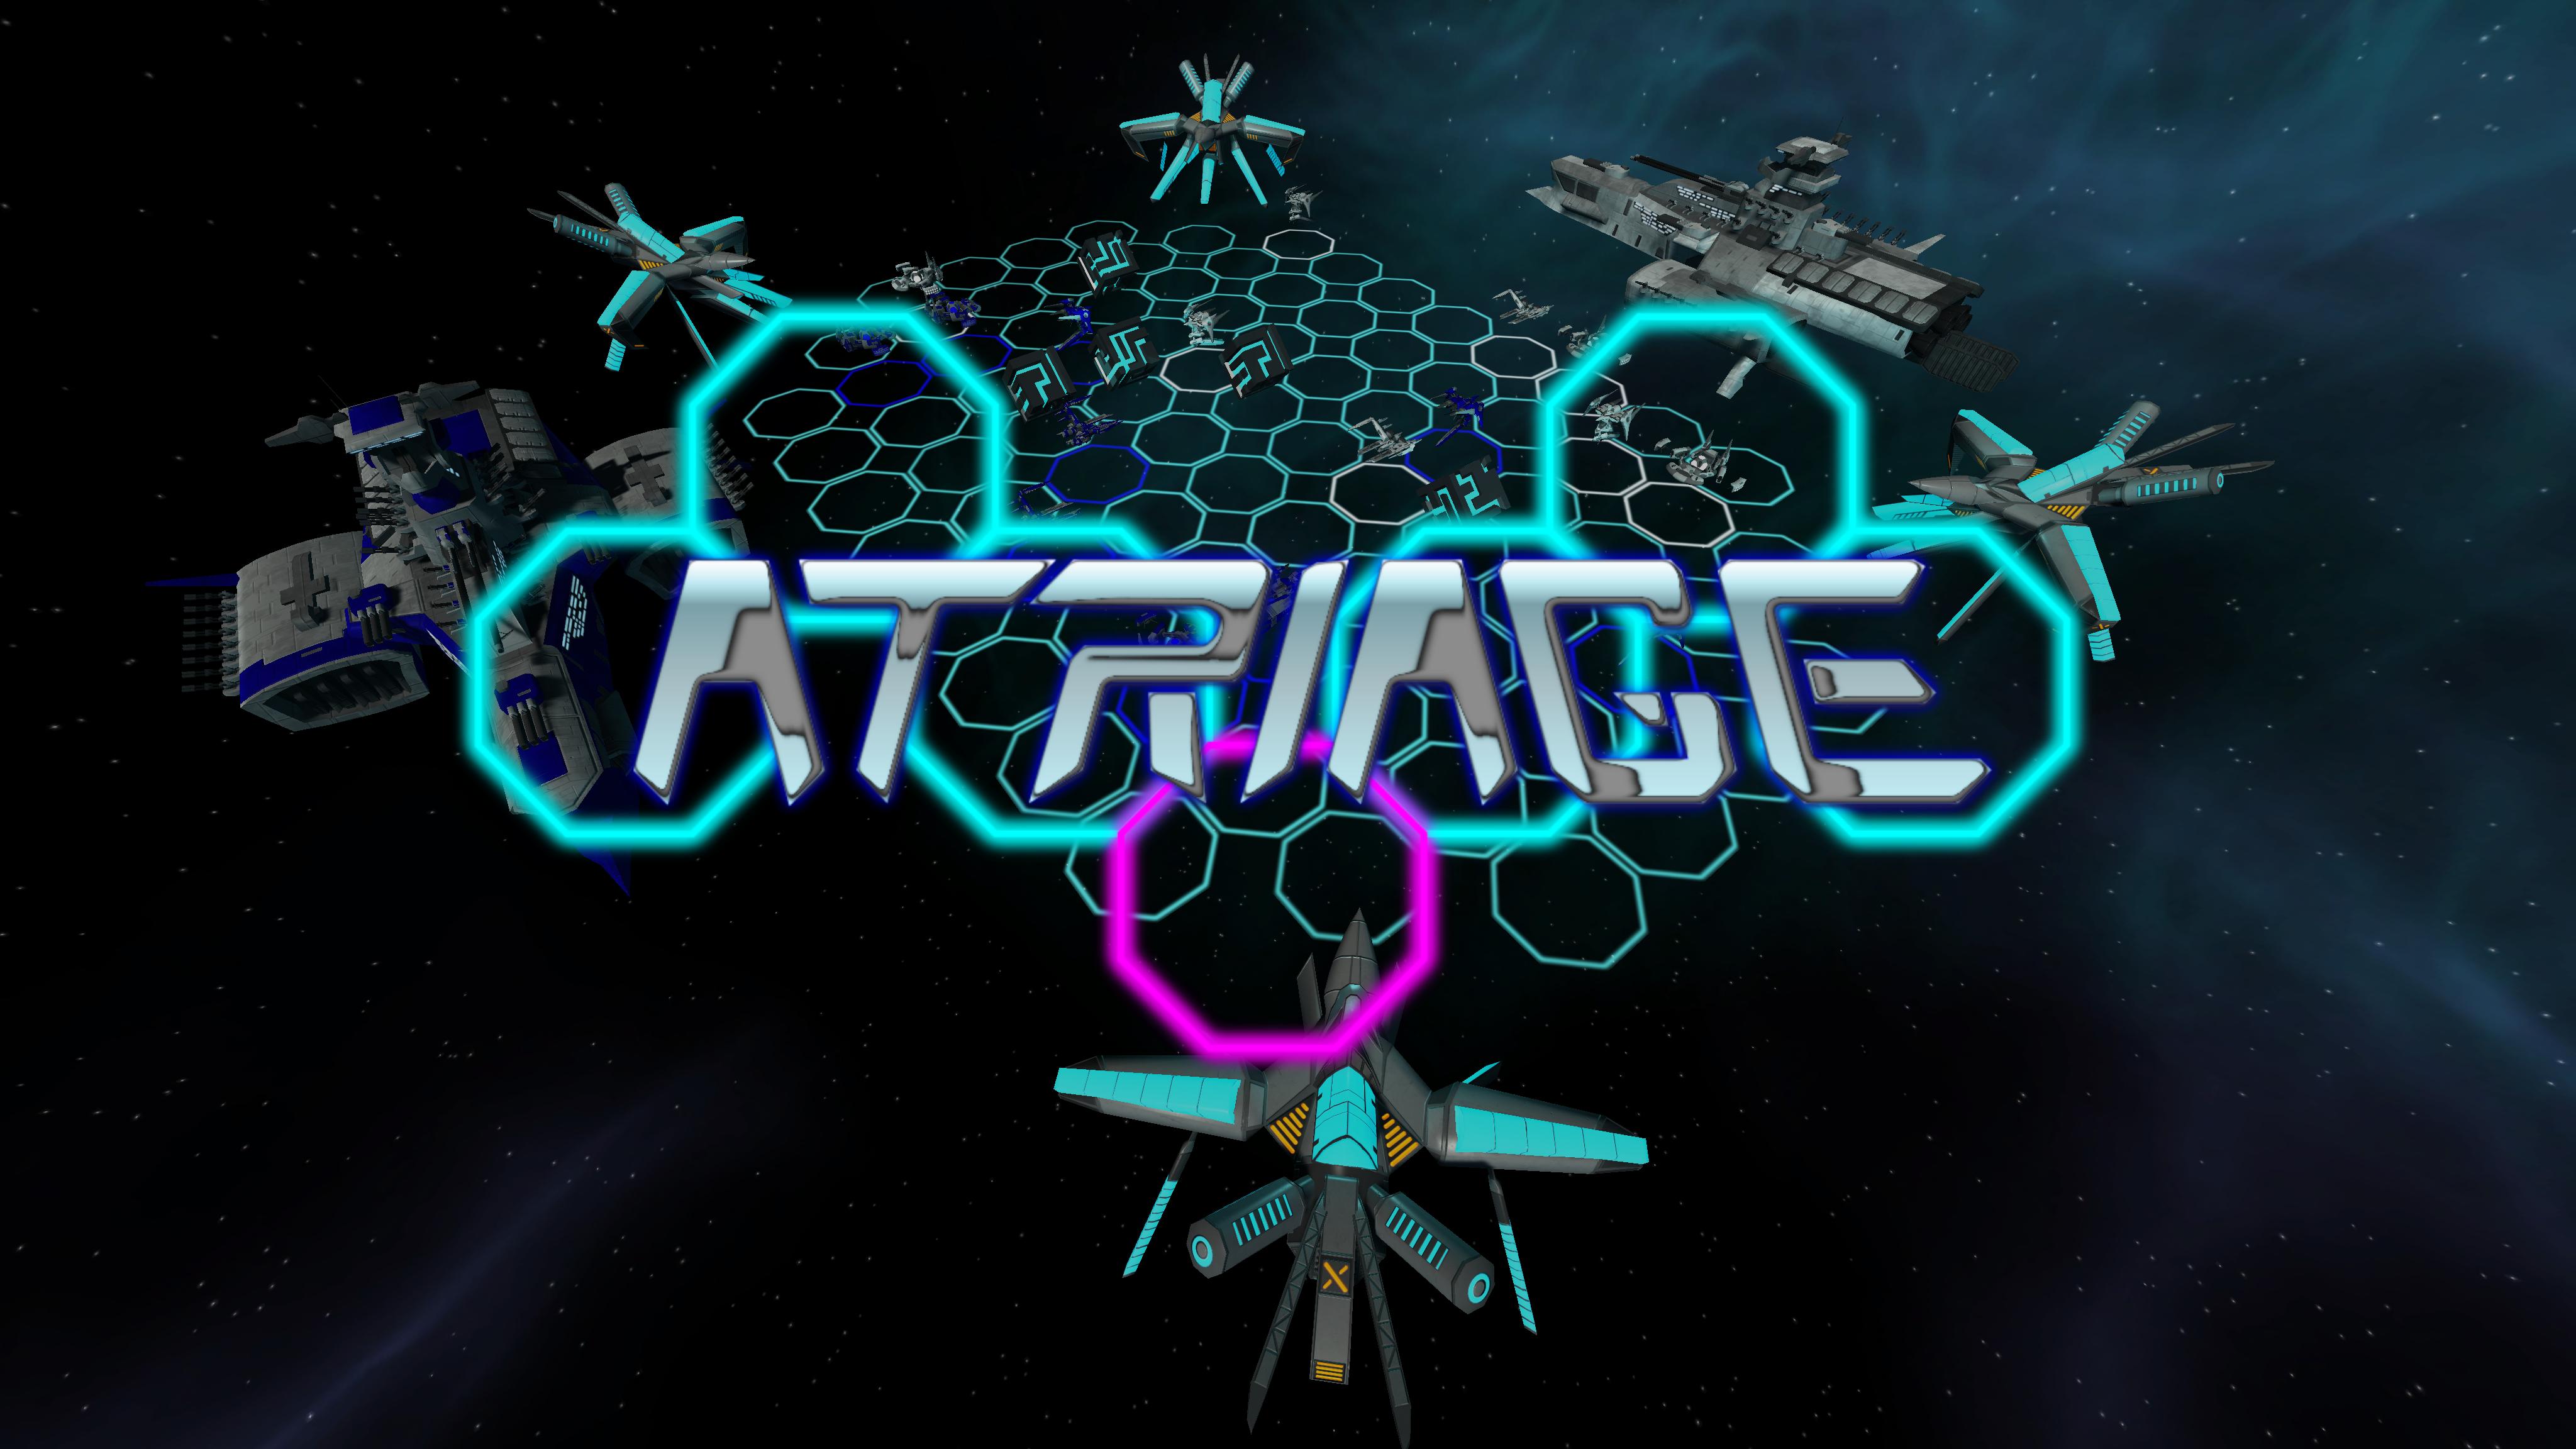 Atriage